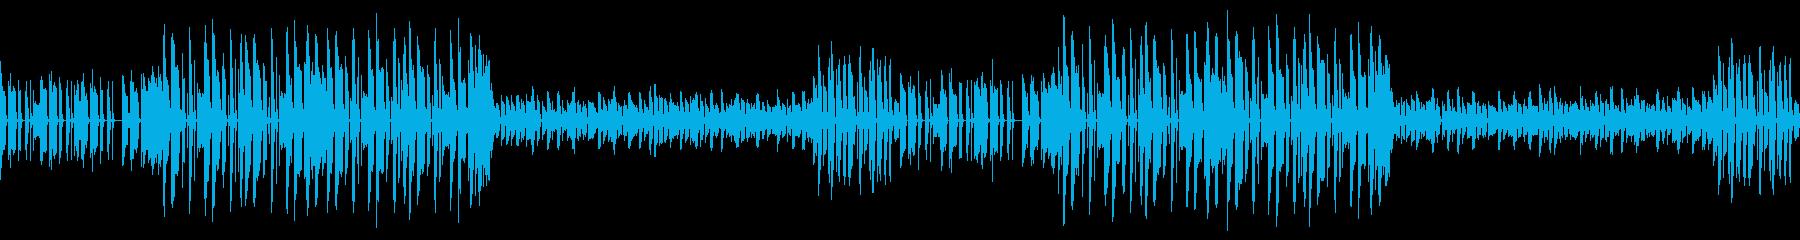 【メインメロ抜】ポップなEDMの再生済みの波形